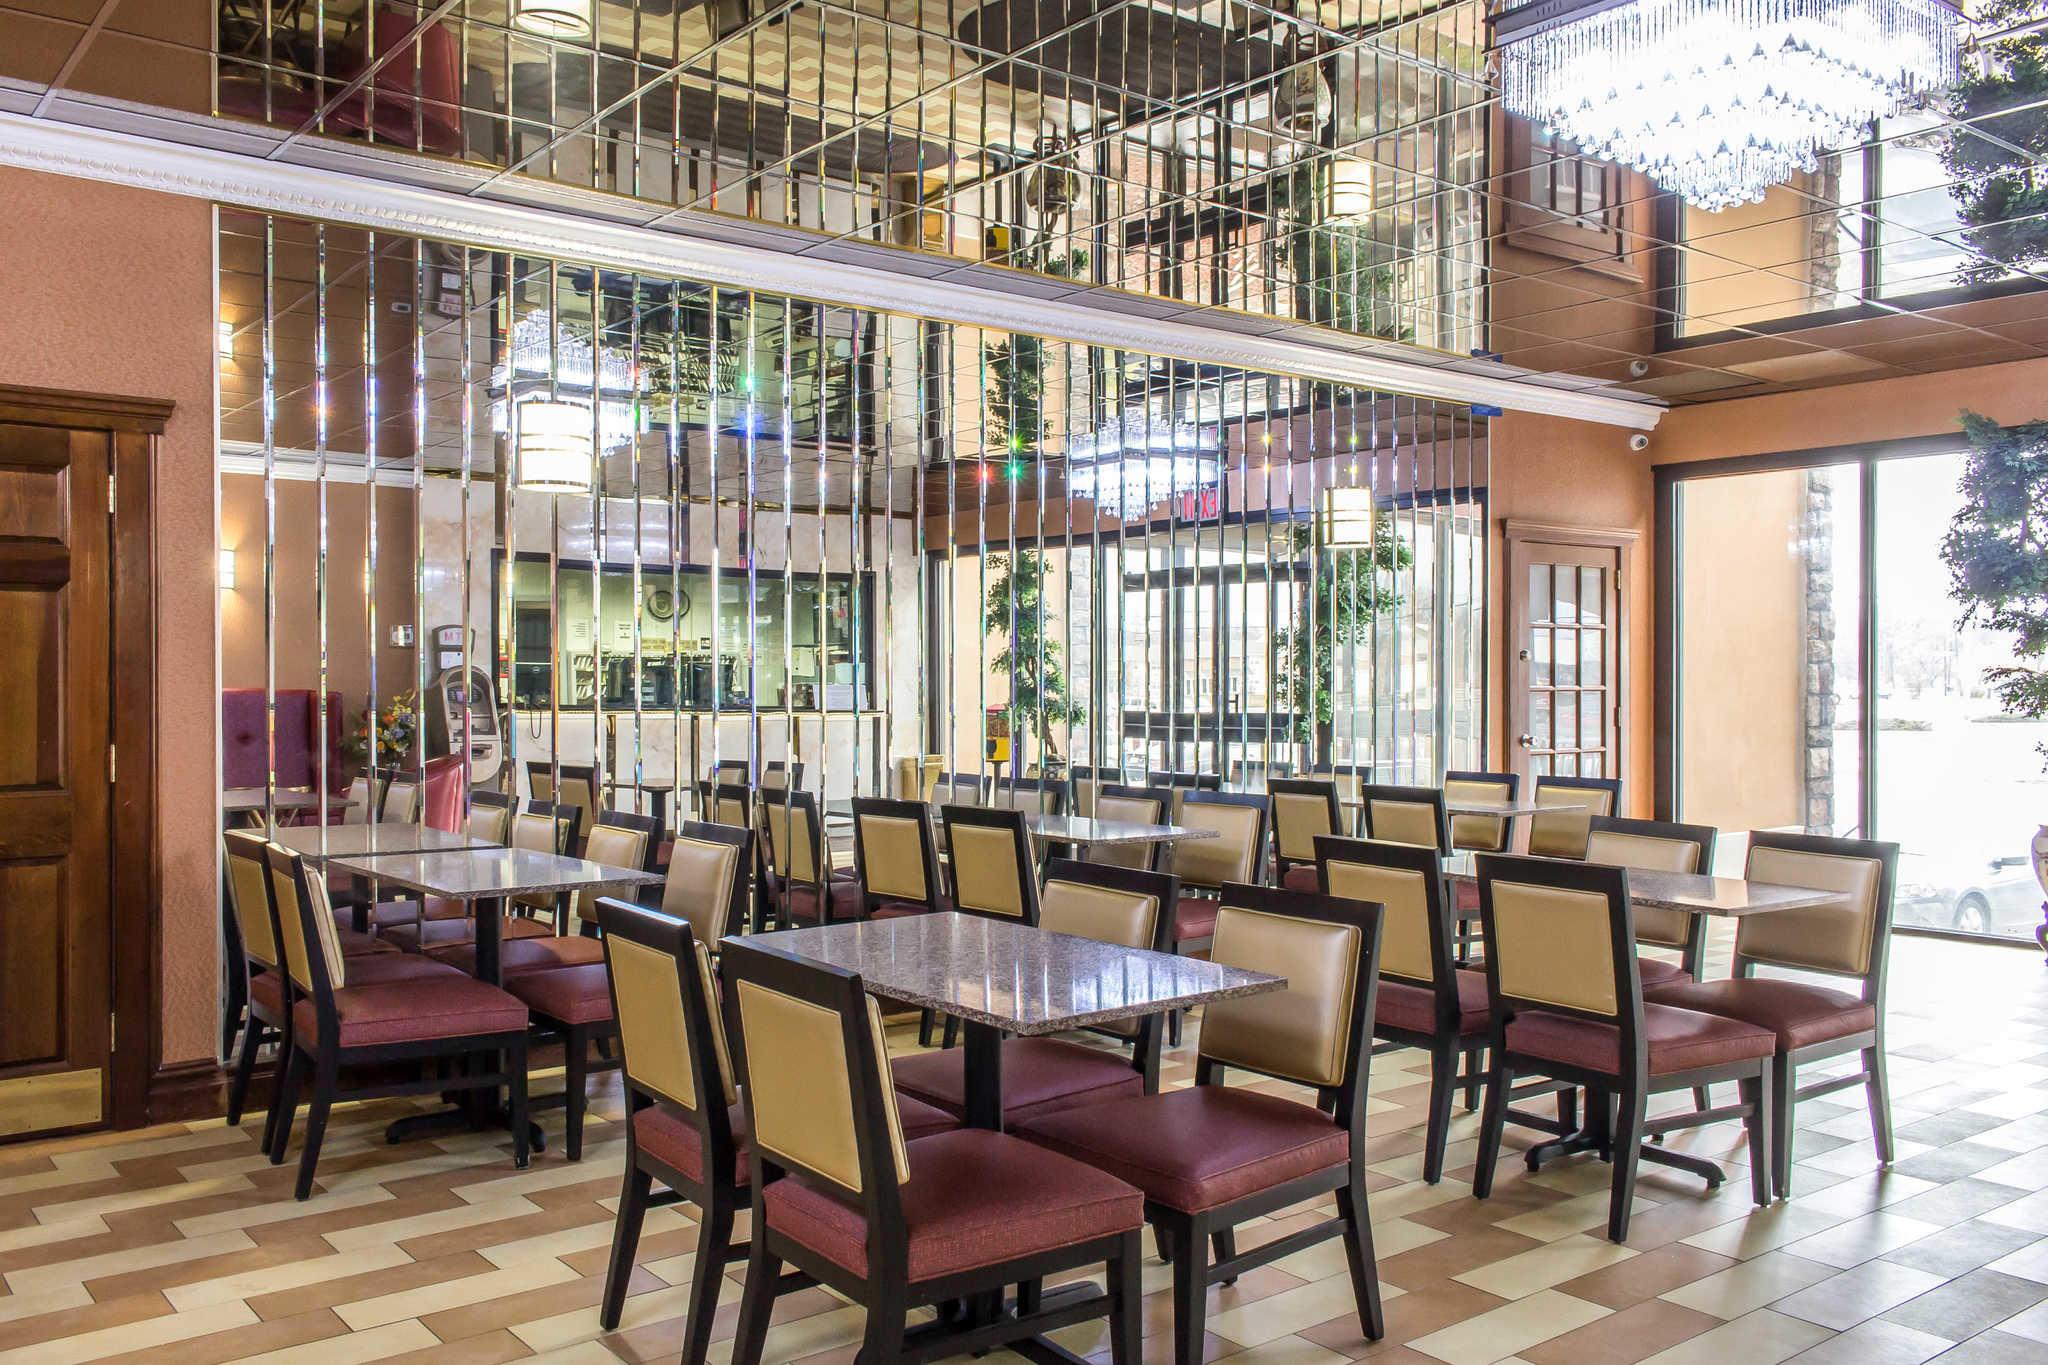 Rodeway Inn Capri image 32